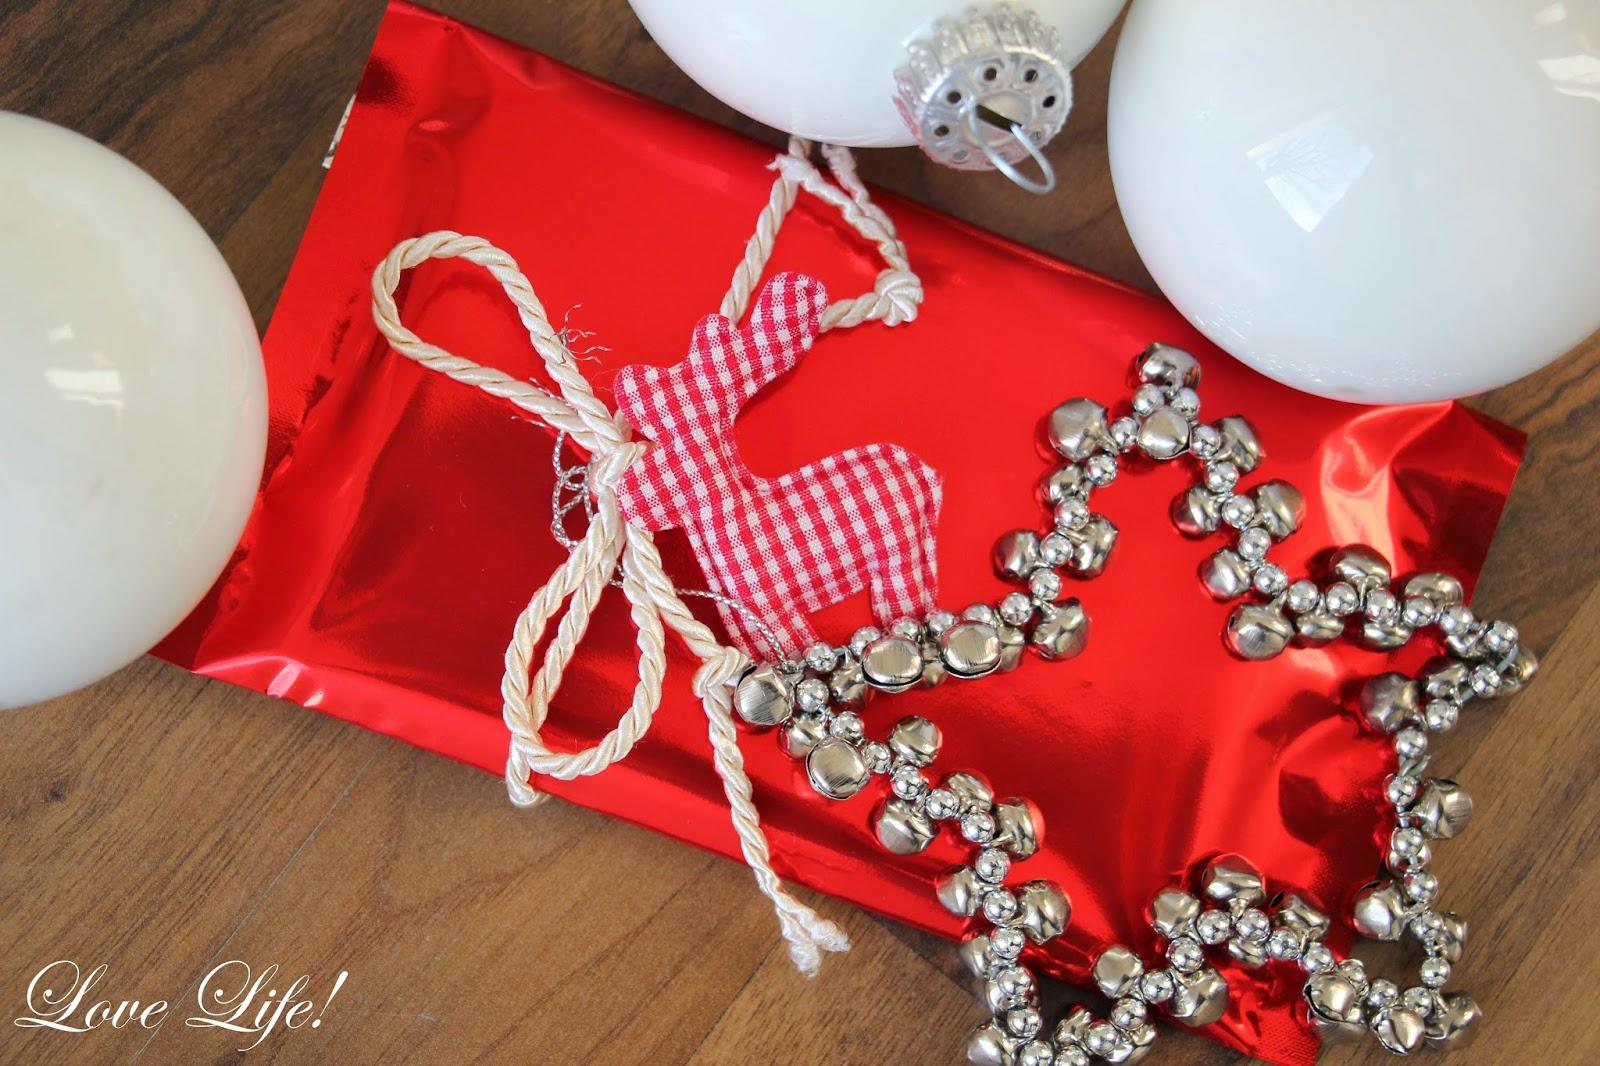 love life weihnachten last minute geschenksidee. Black Bedroom Furniture Sets. Home Design Ideas